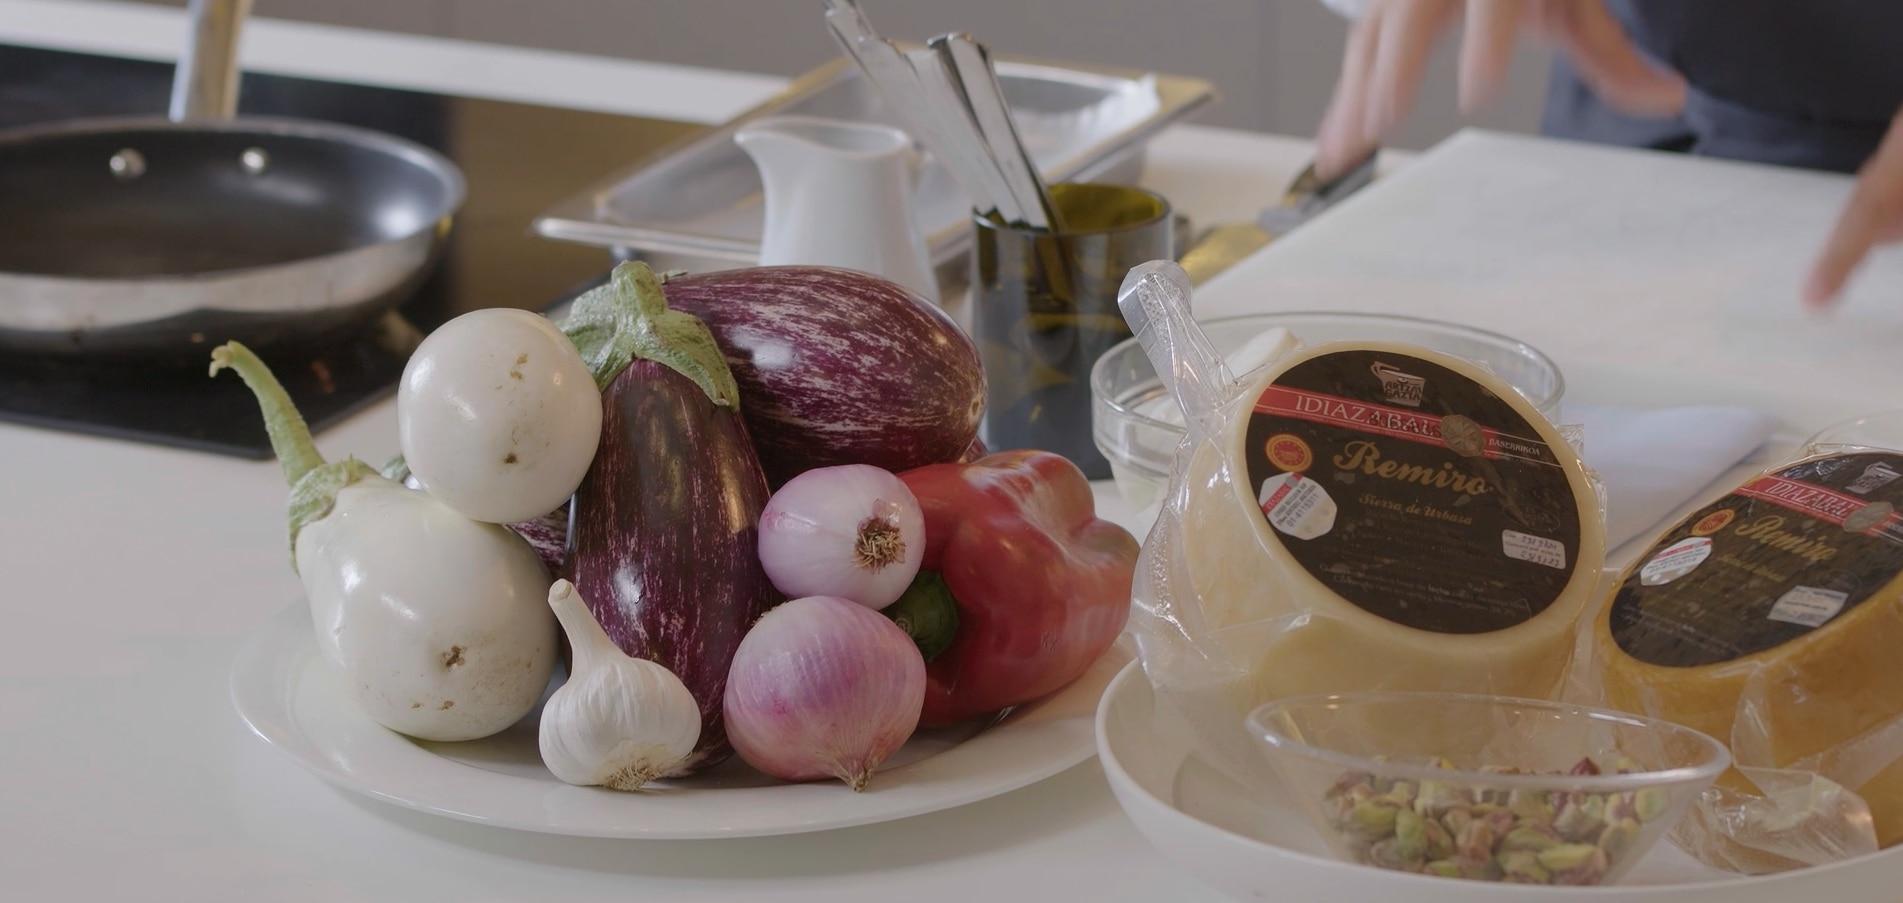 berenjena-queso-productos-mes-julio-celler-roca-gastronomia-sostenible